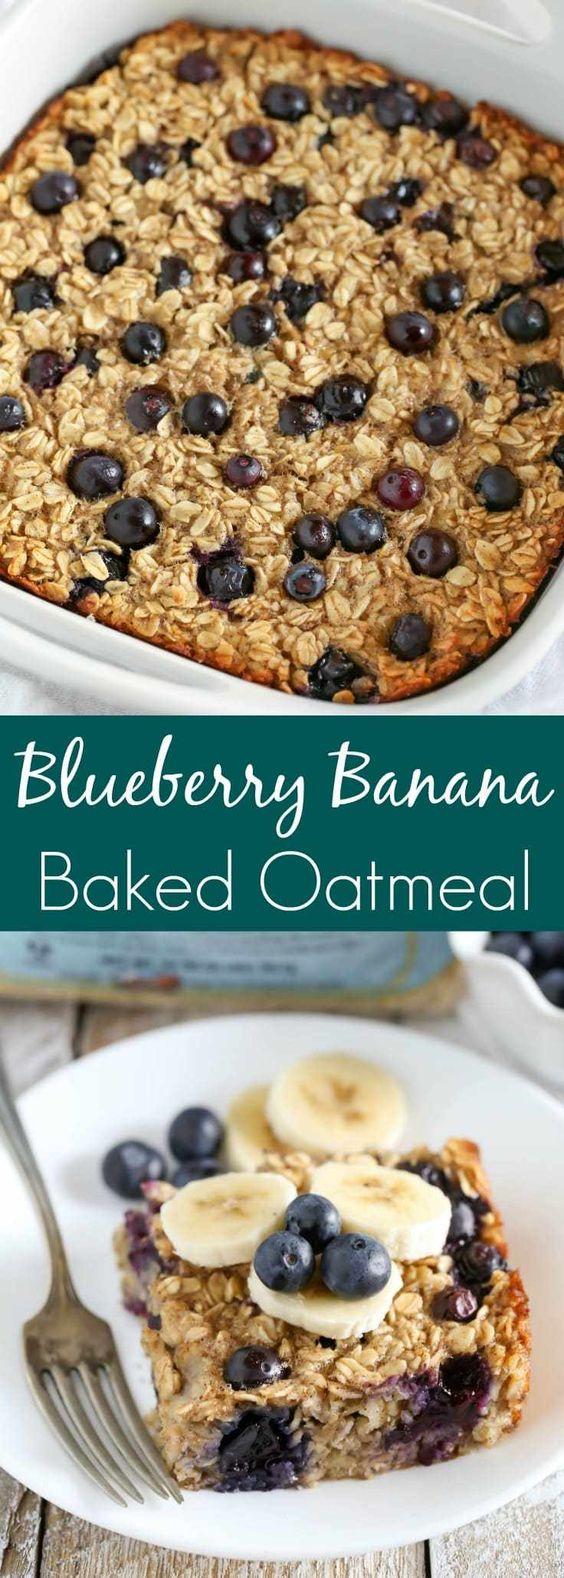 Easy Blueberry Banana Baked Oatmeal